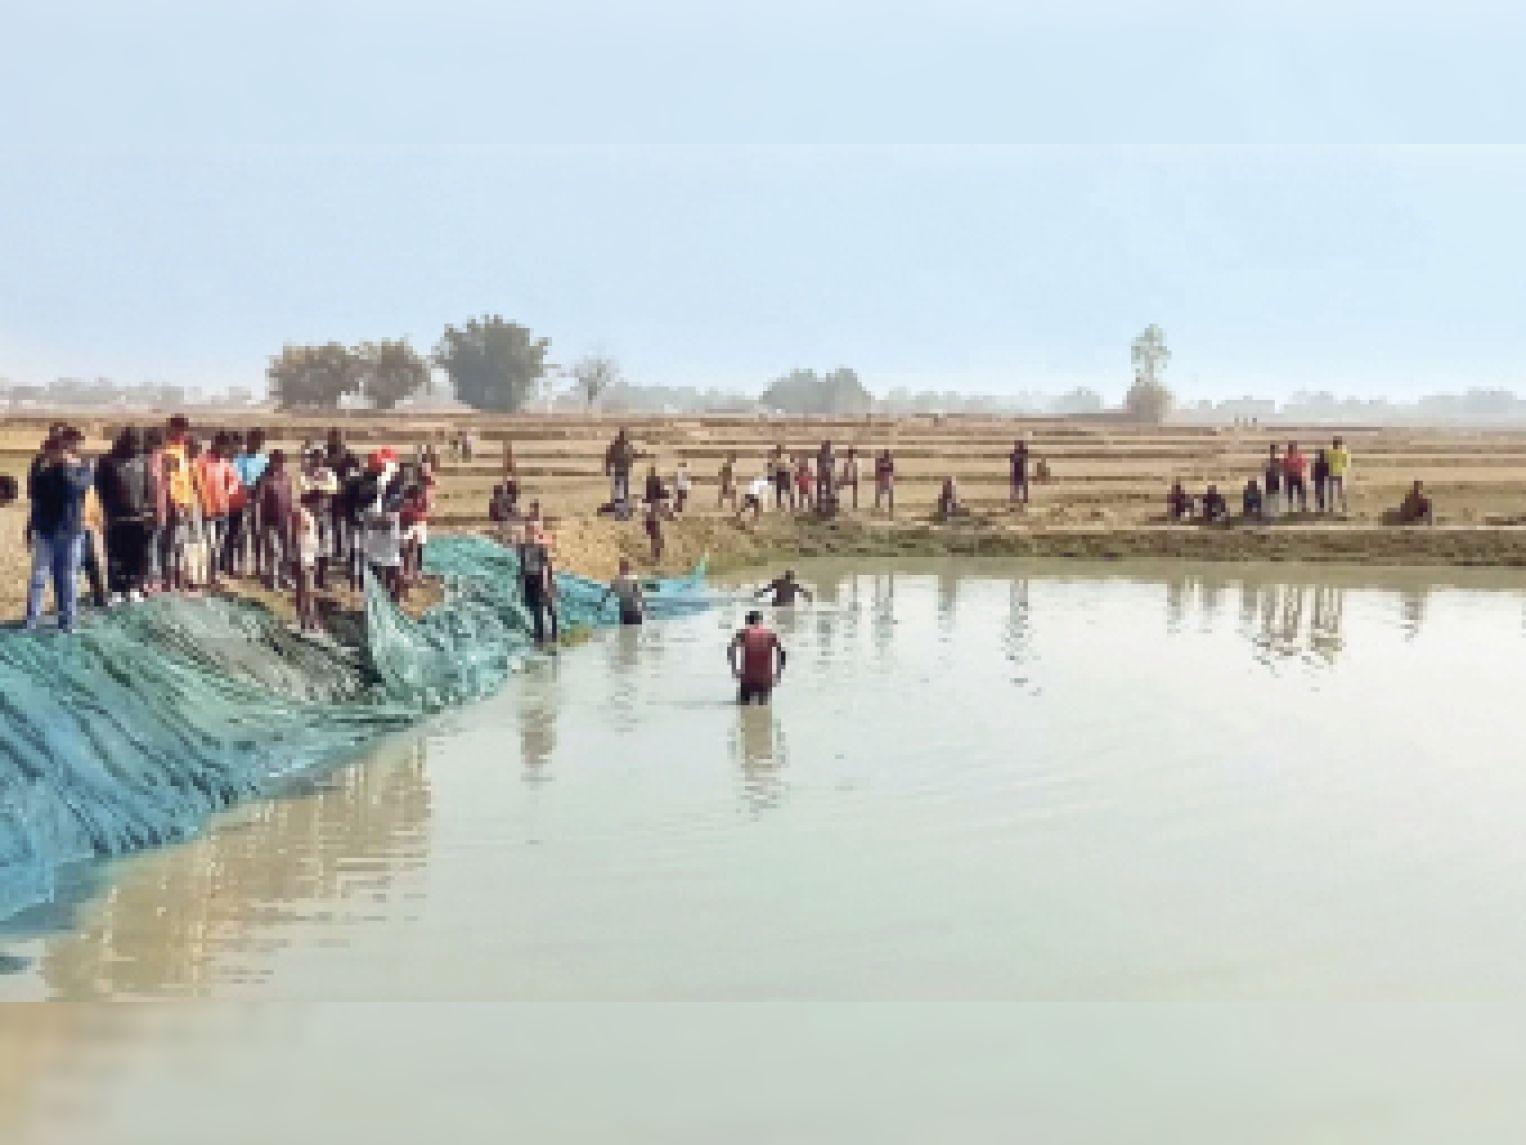 बड़ी संख्या पुलिस की टीम चंदवे पहुंची और तालाब में दउली की तलाश में जुट गई।